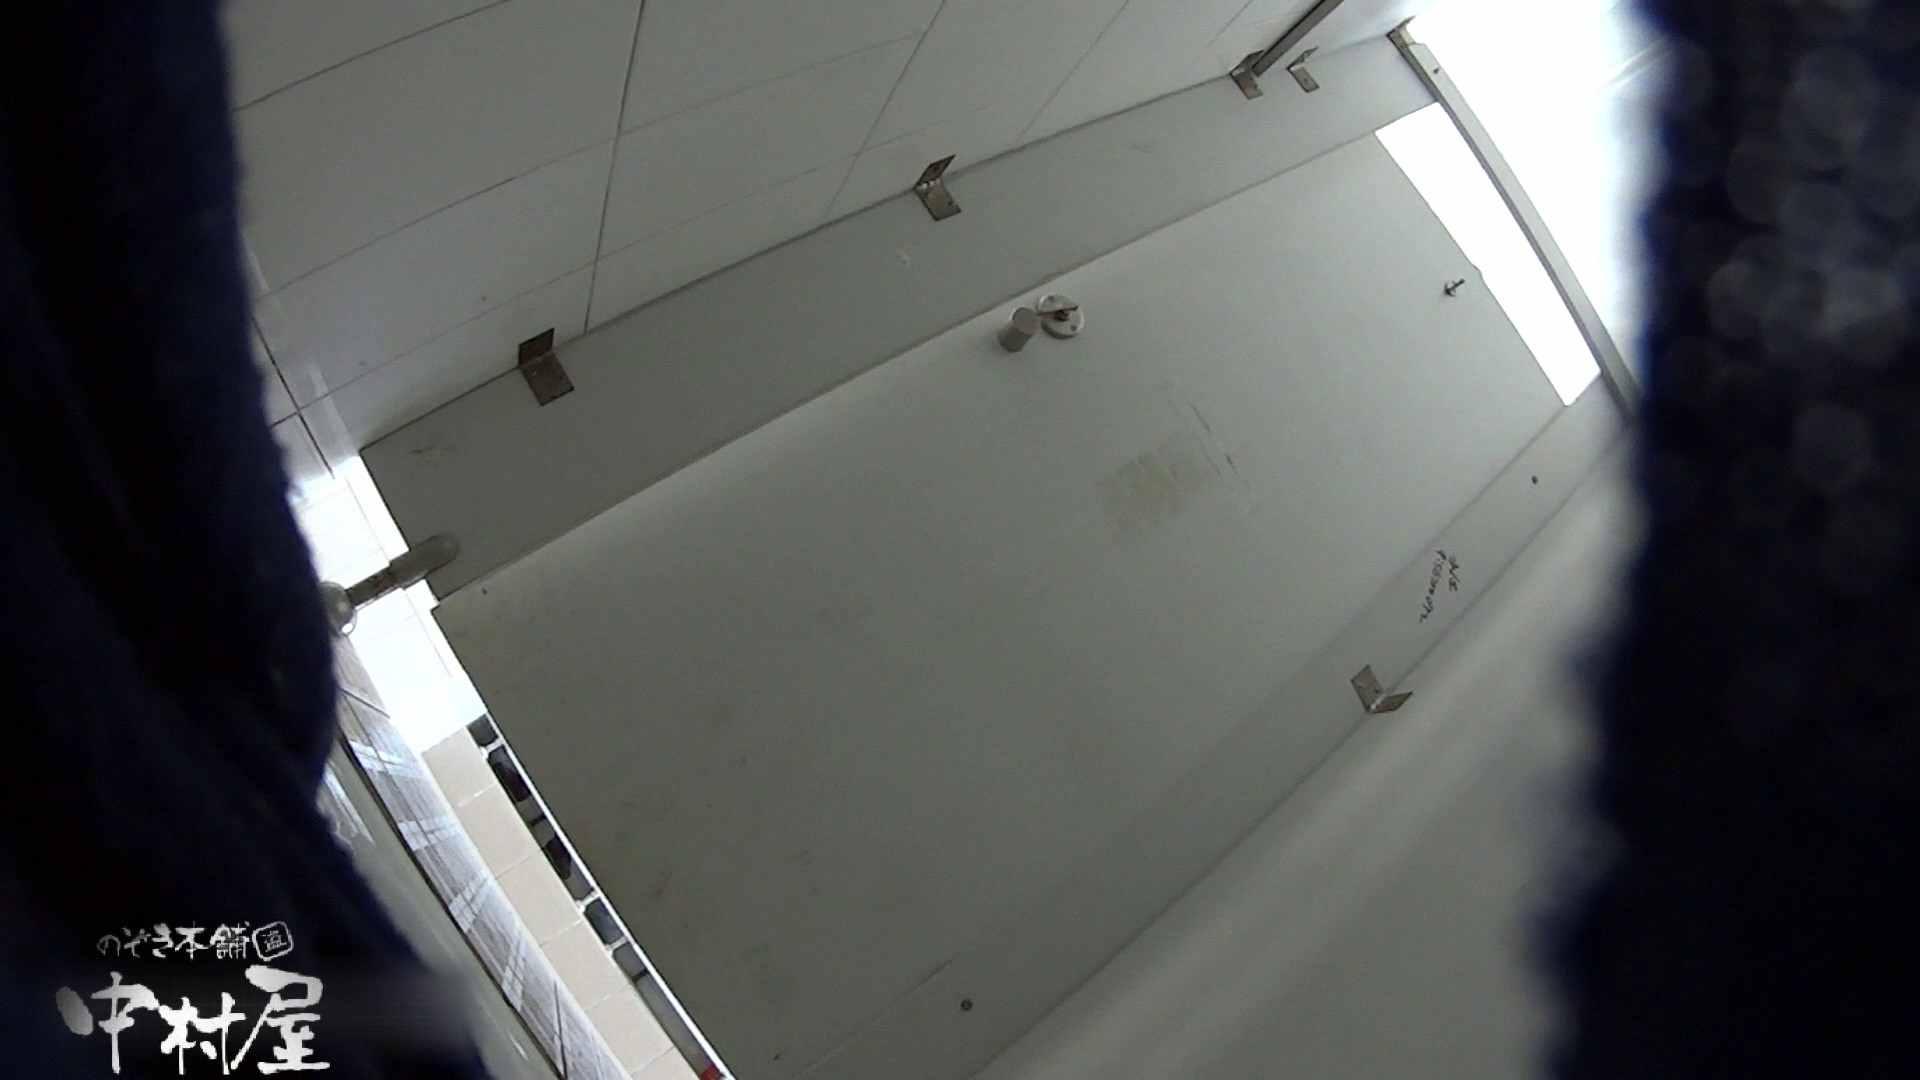 うんこがとても綺麗に出ています!有名大学休憩時間の洗面所事情05 盗撮シリーズ オマンコ無修正動画無料 82PIX 2